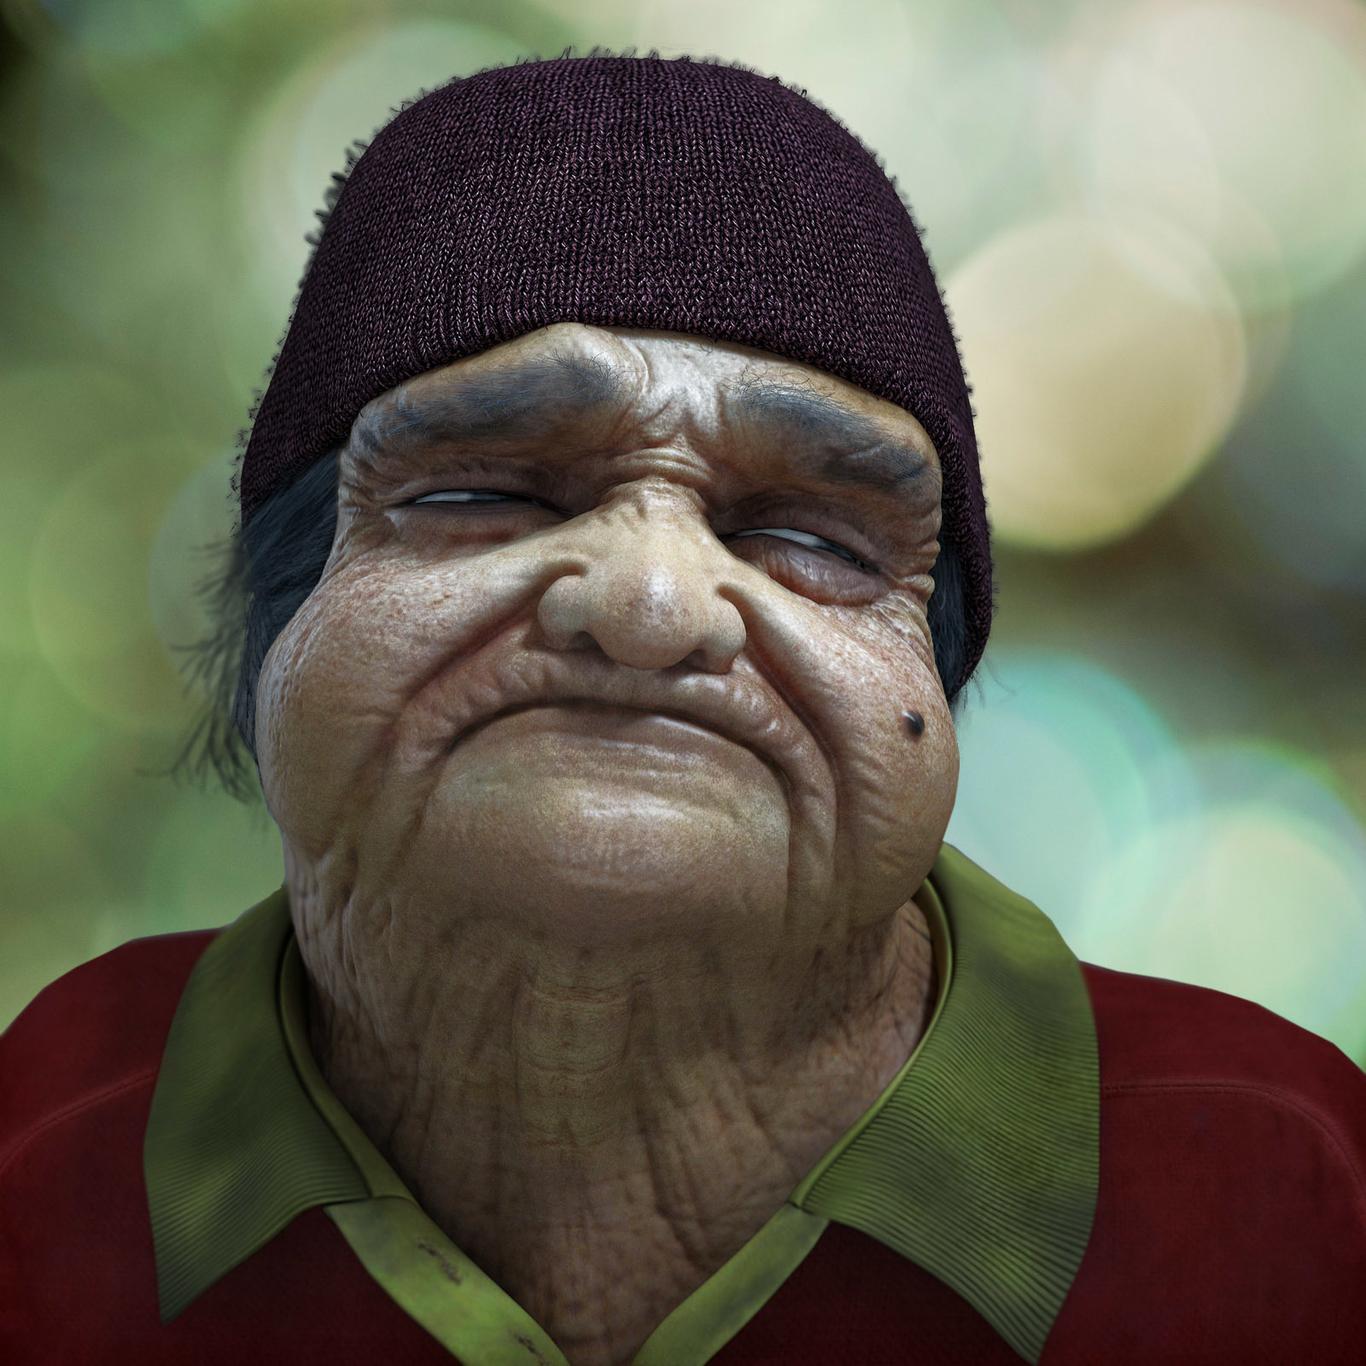 Jonamar old woman 1 981ac3dd wc8l